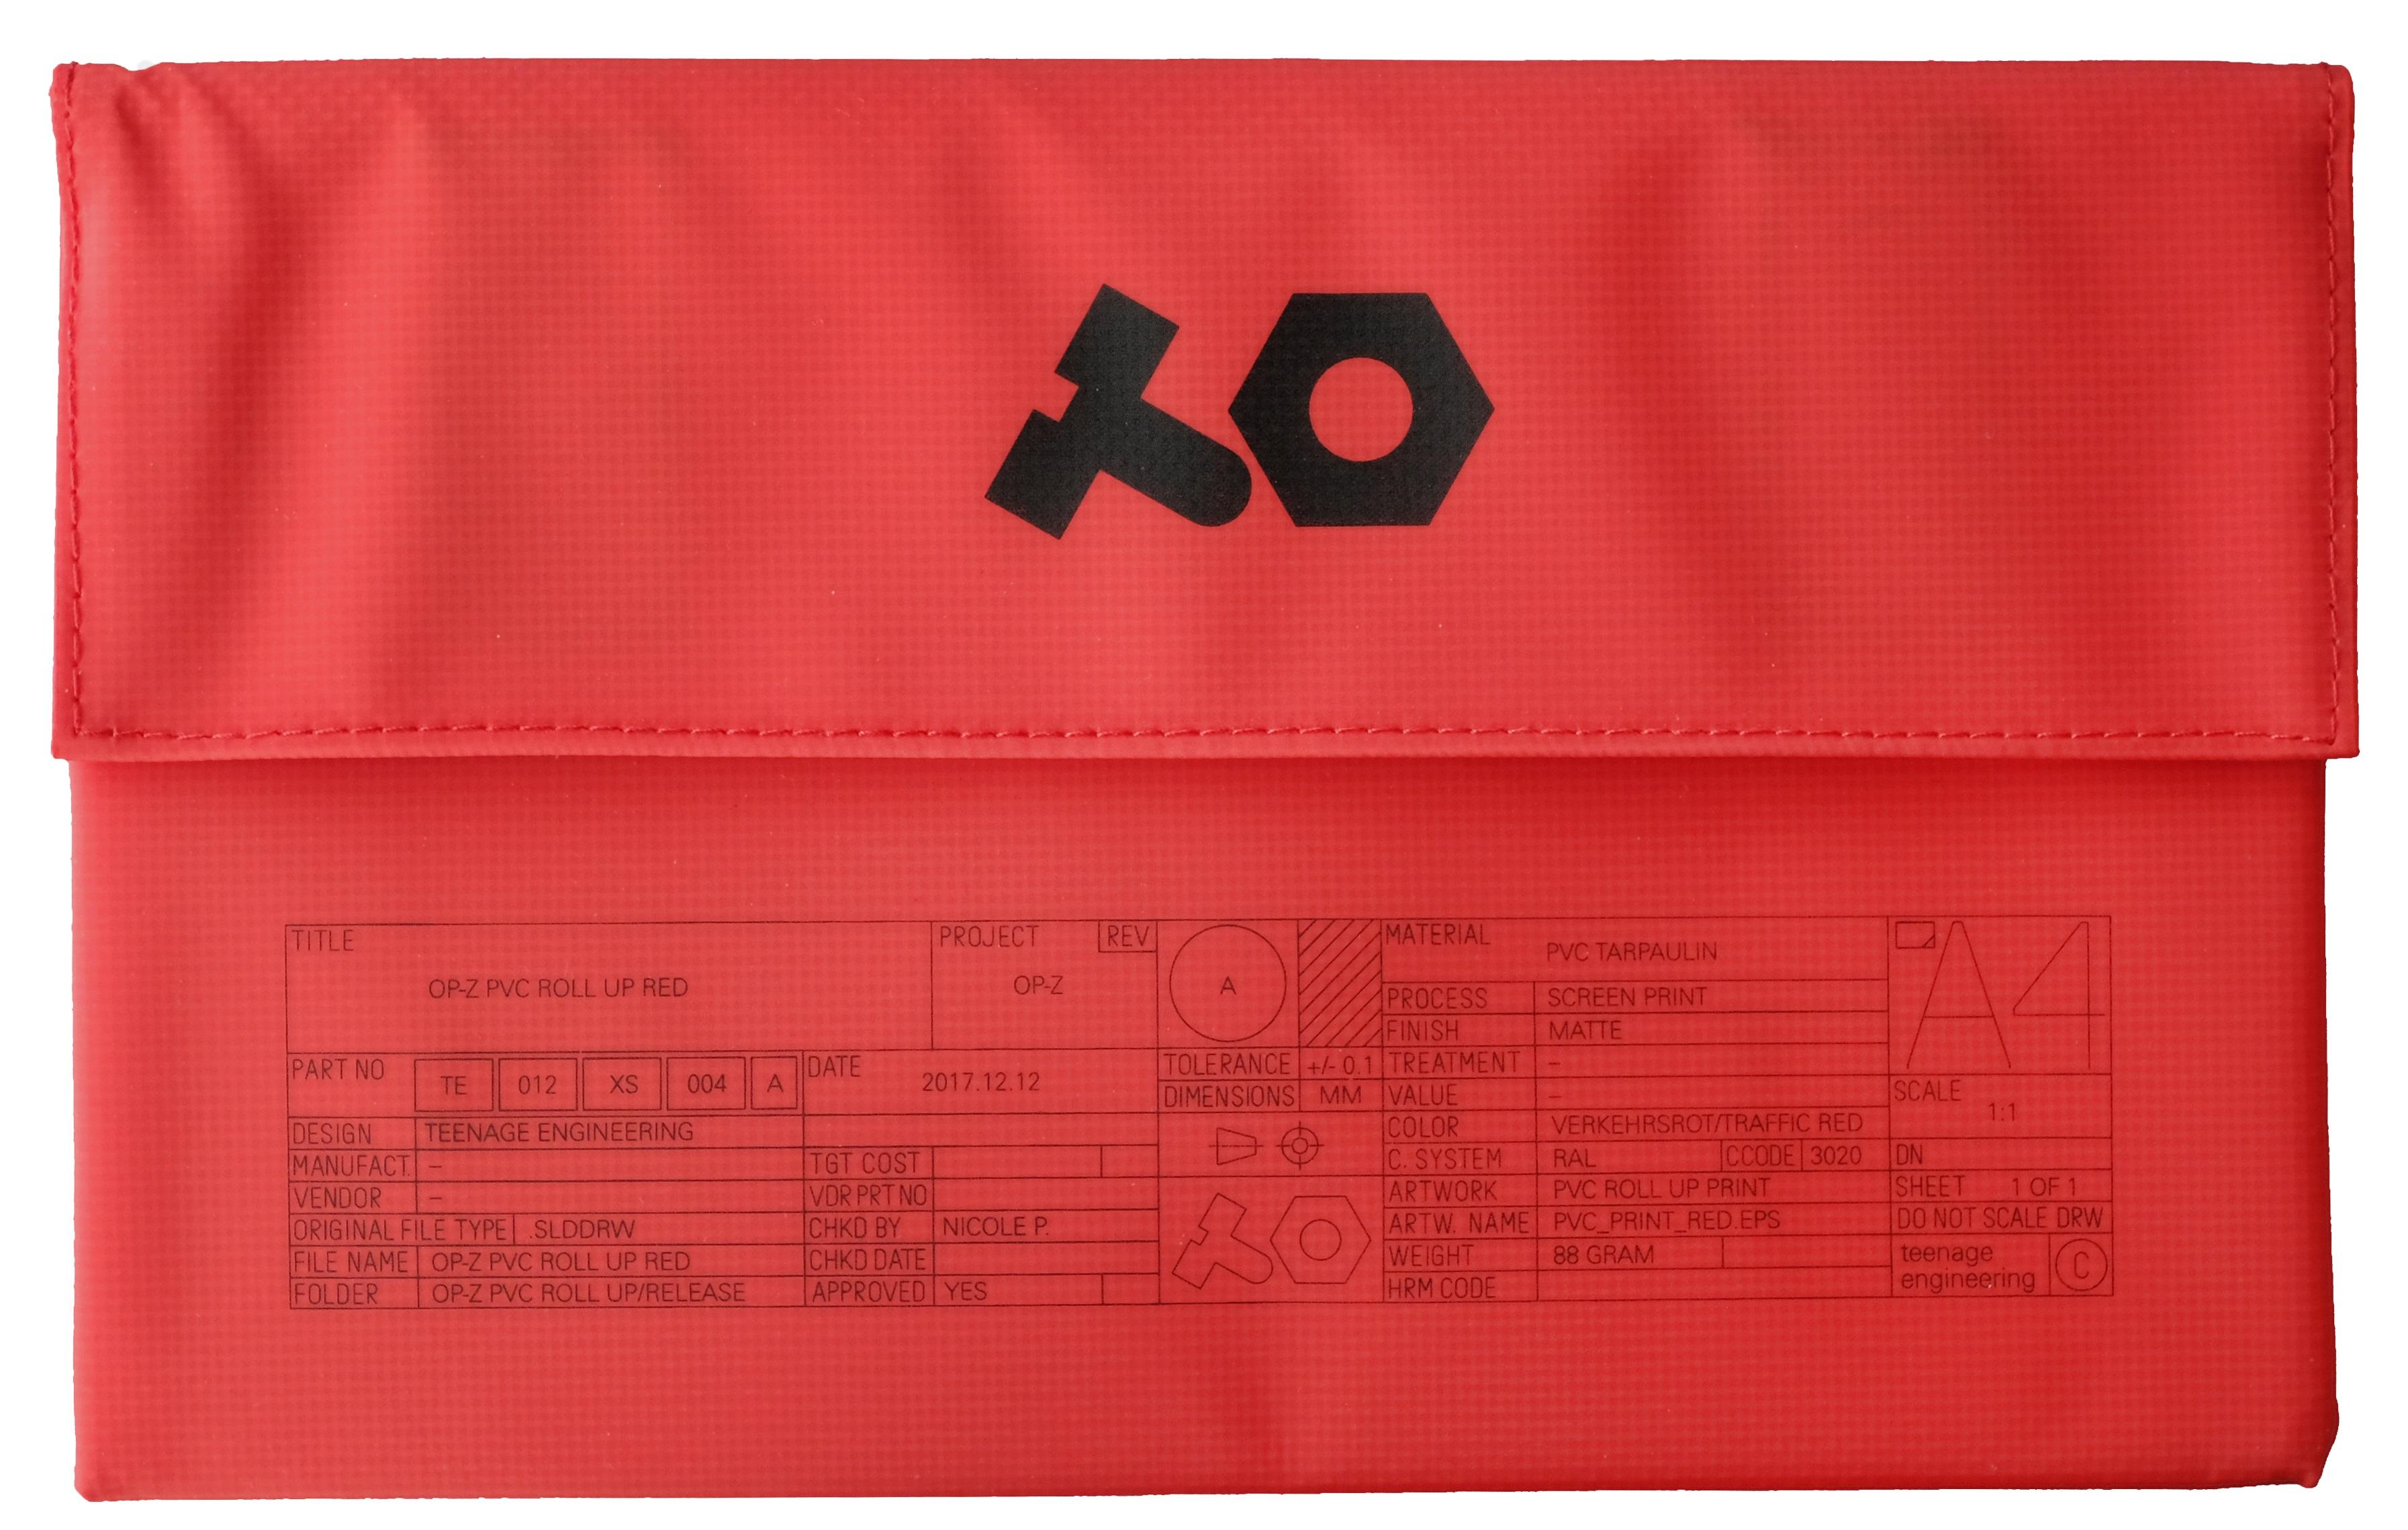 Teenage Engineering OP-Z PVC Roll Up Red